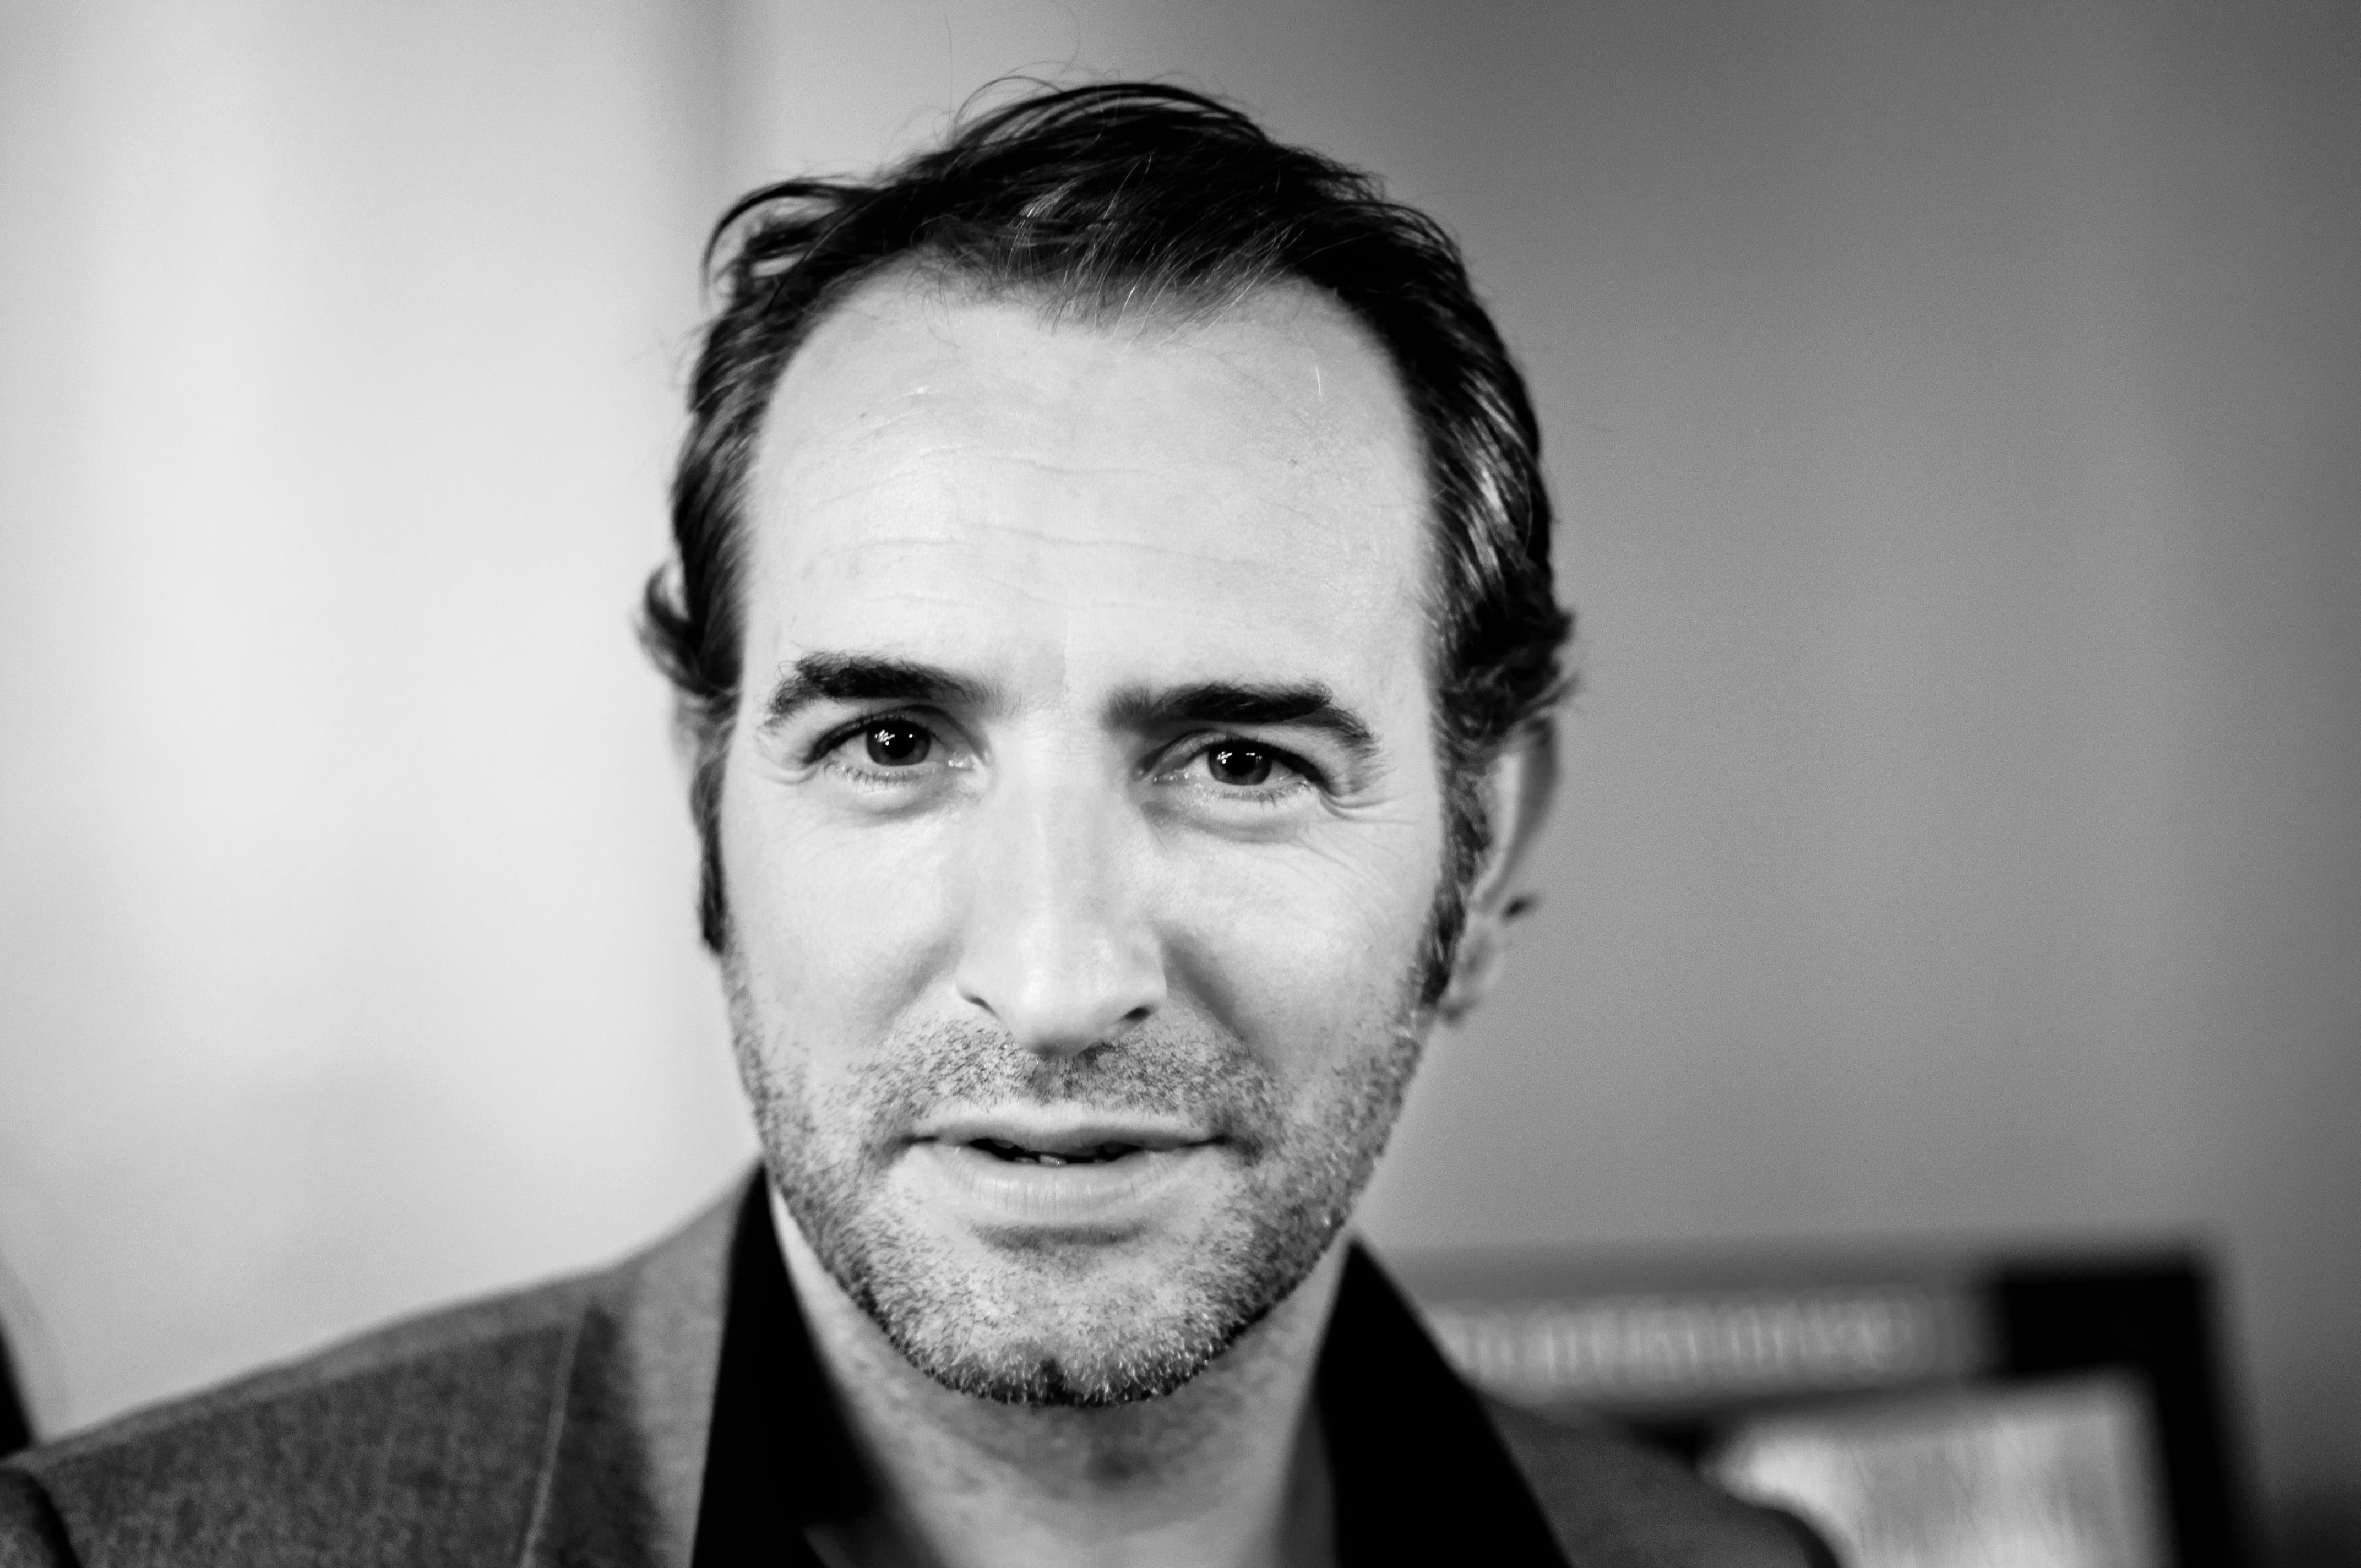 Jean Dujardin Wallpaper